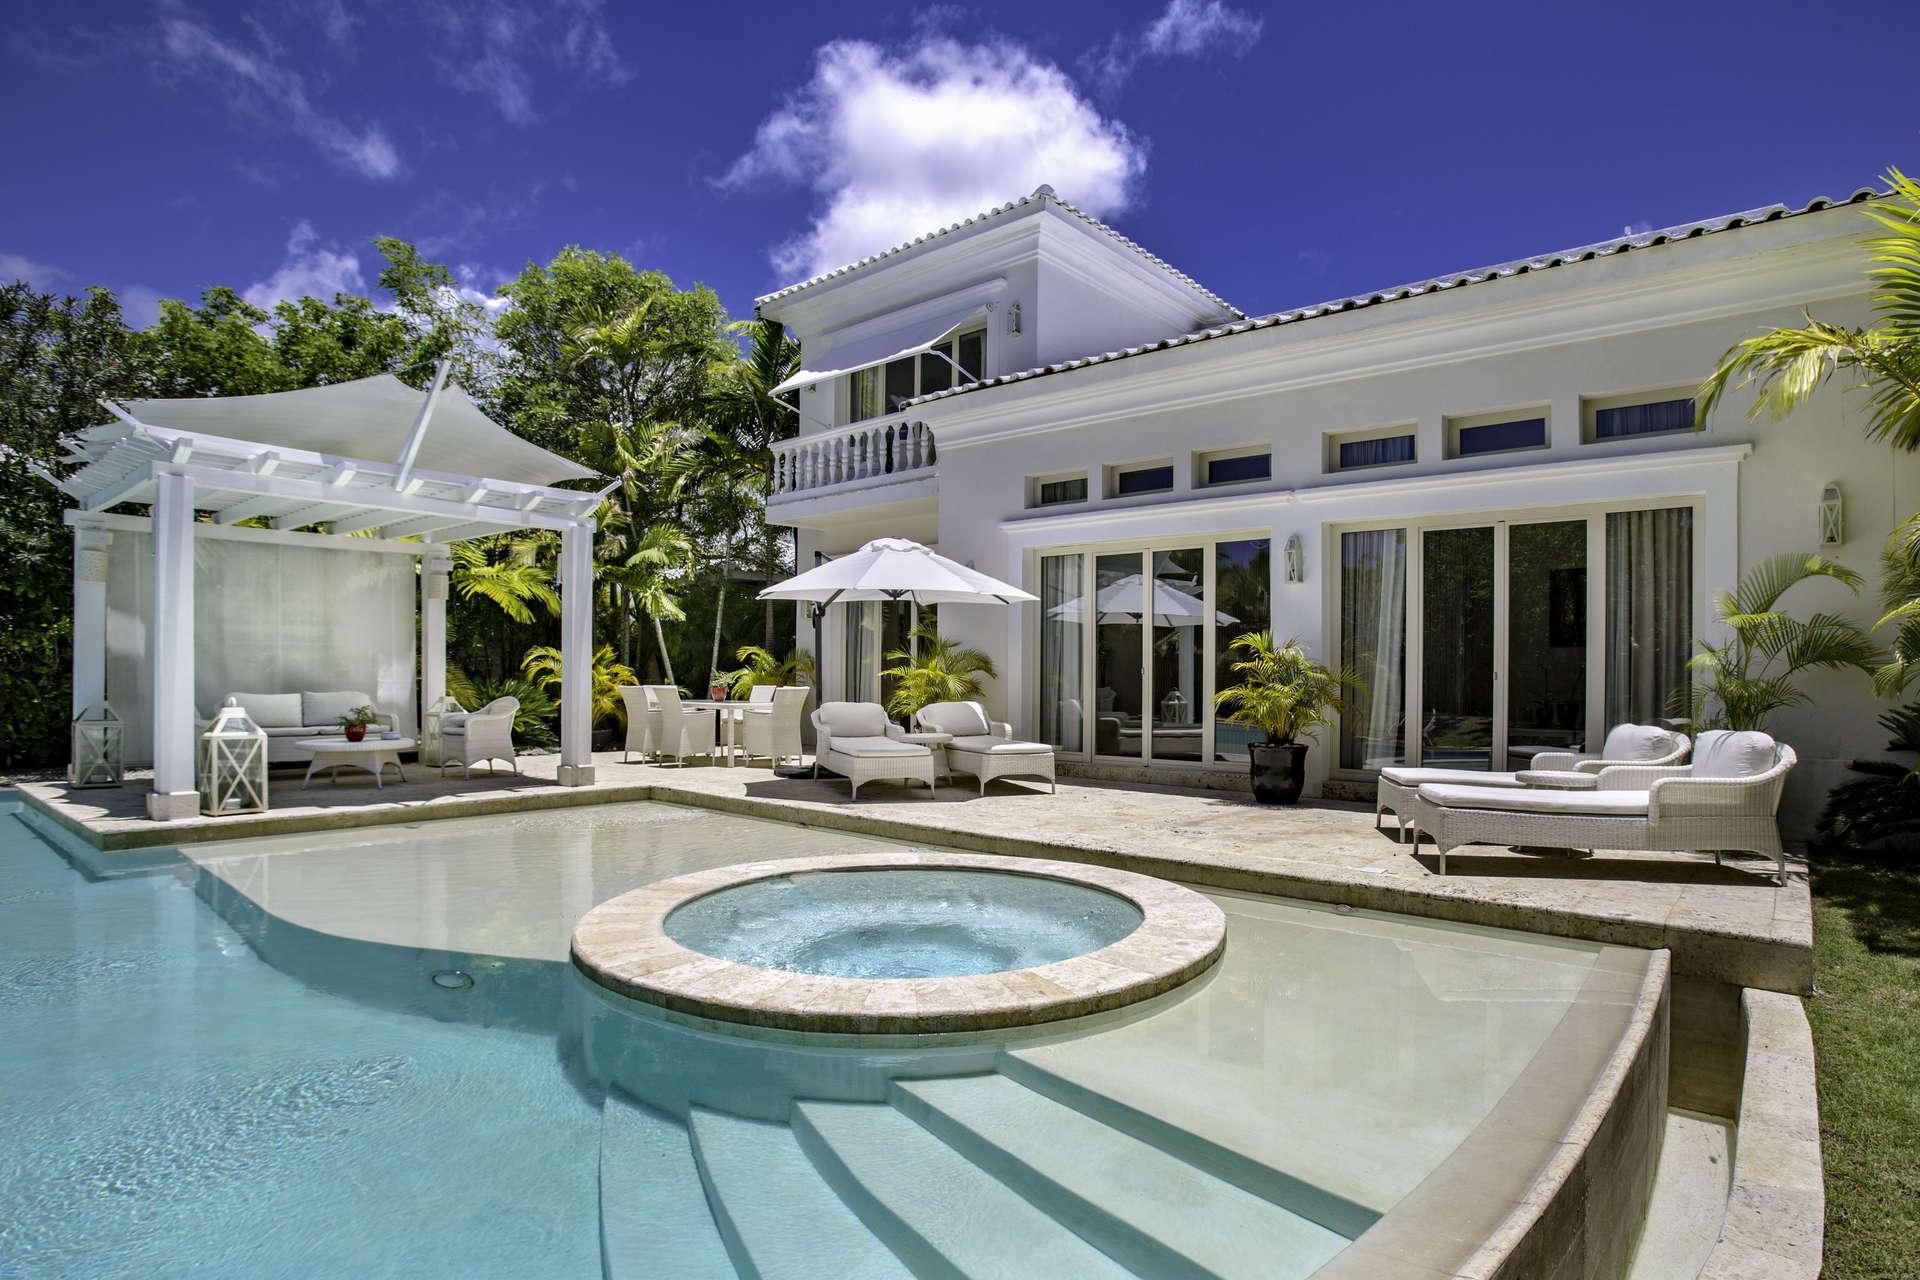 Luxury villa rentals caribbean - Dominican republic - Punta cana - Eden roc at cap cana - Royale Villa - Image 1/18